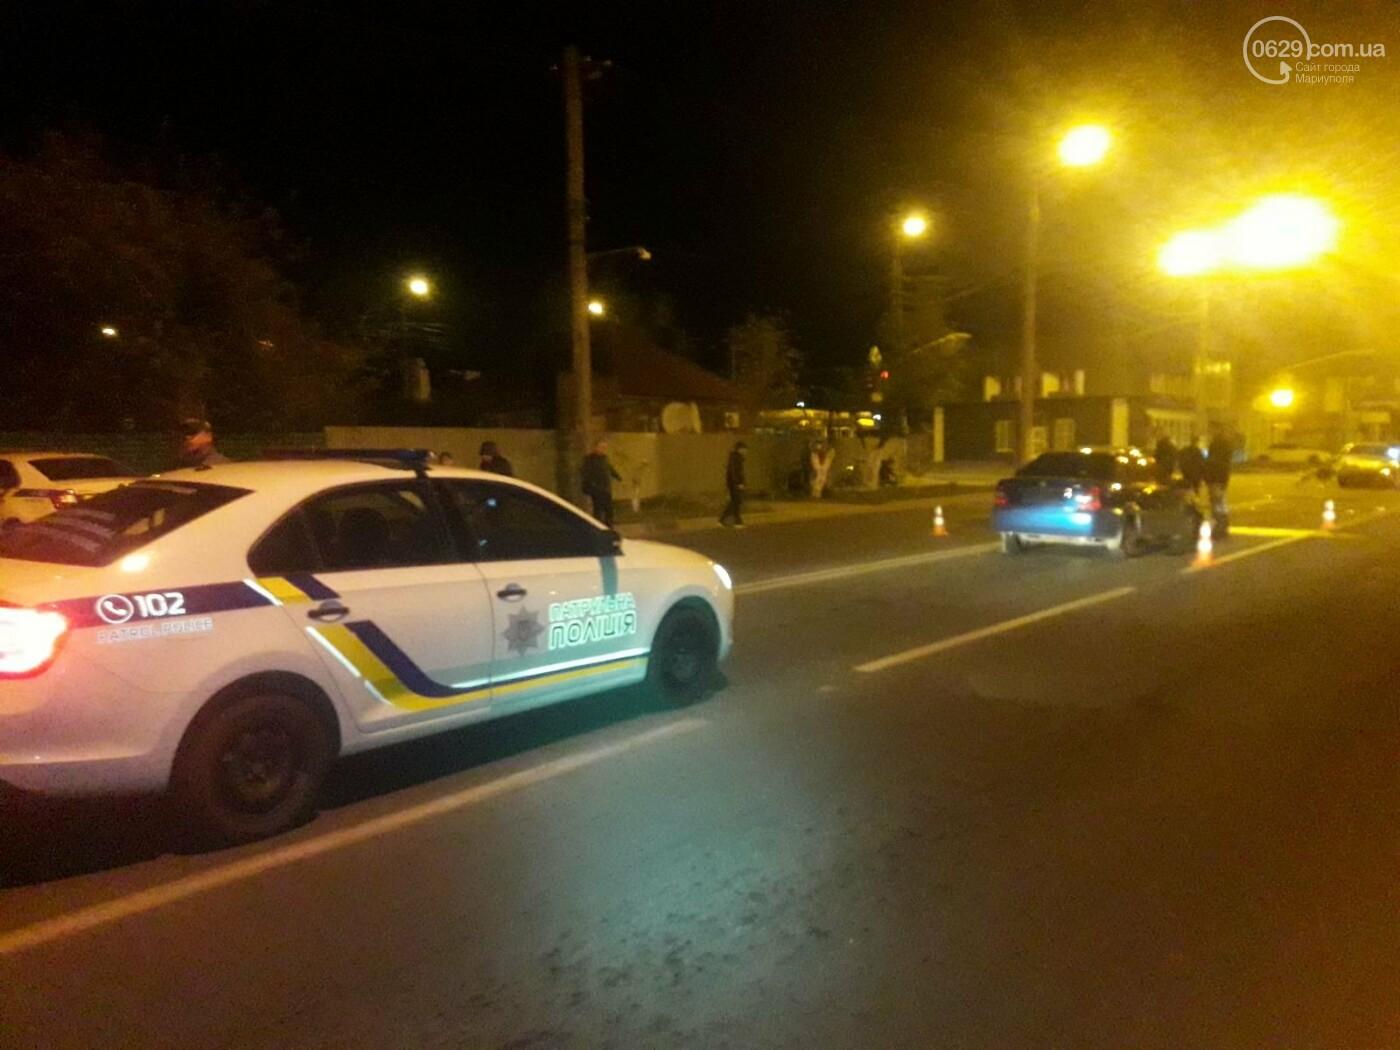 Тройное ДТП в Мариуполе. Есть пострадавший, - ФОТО, фото-2